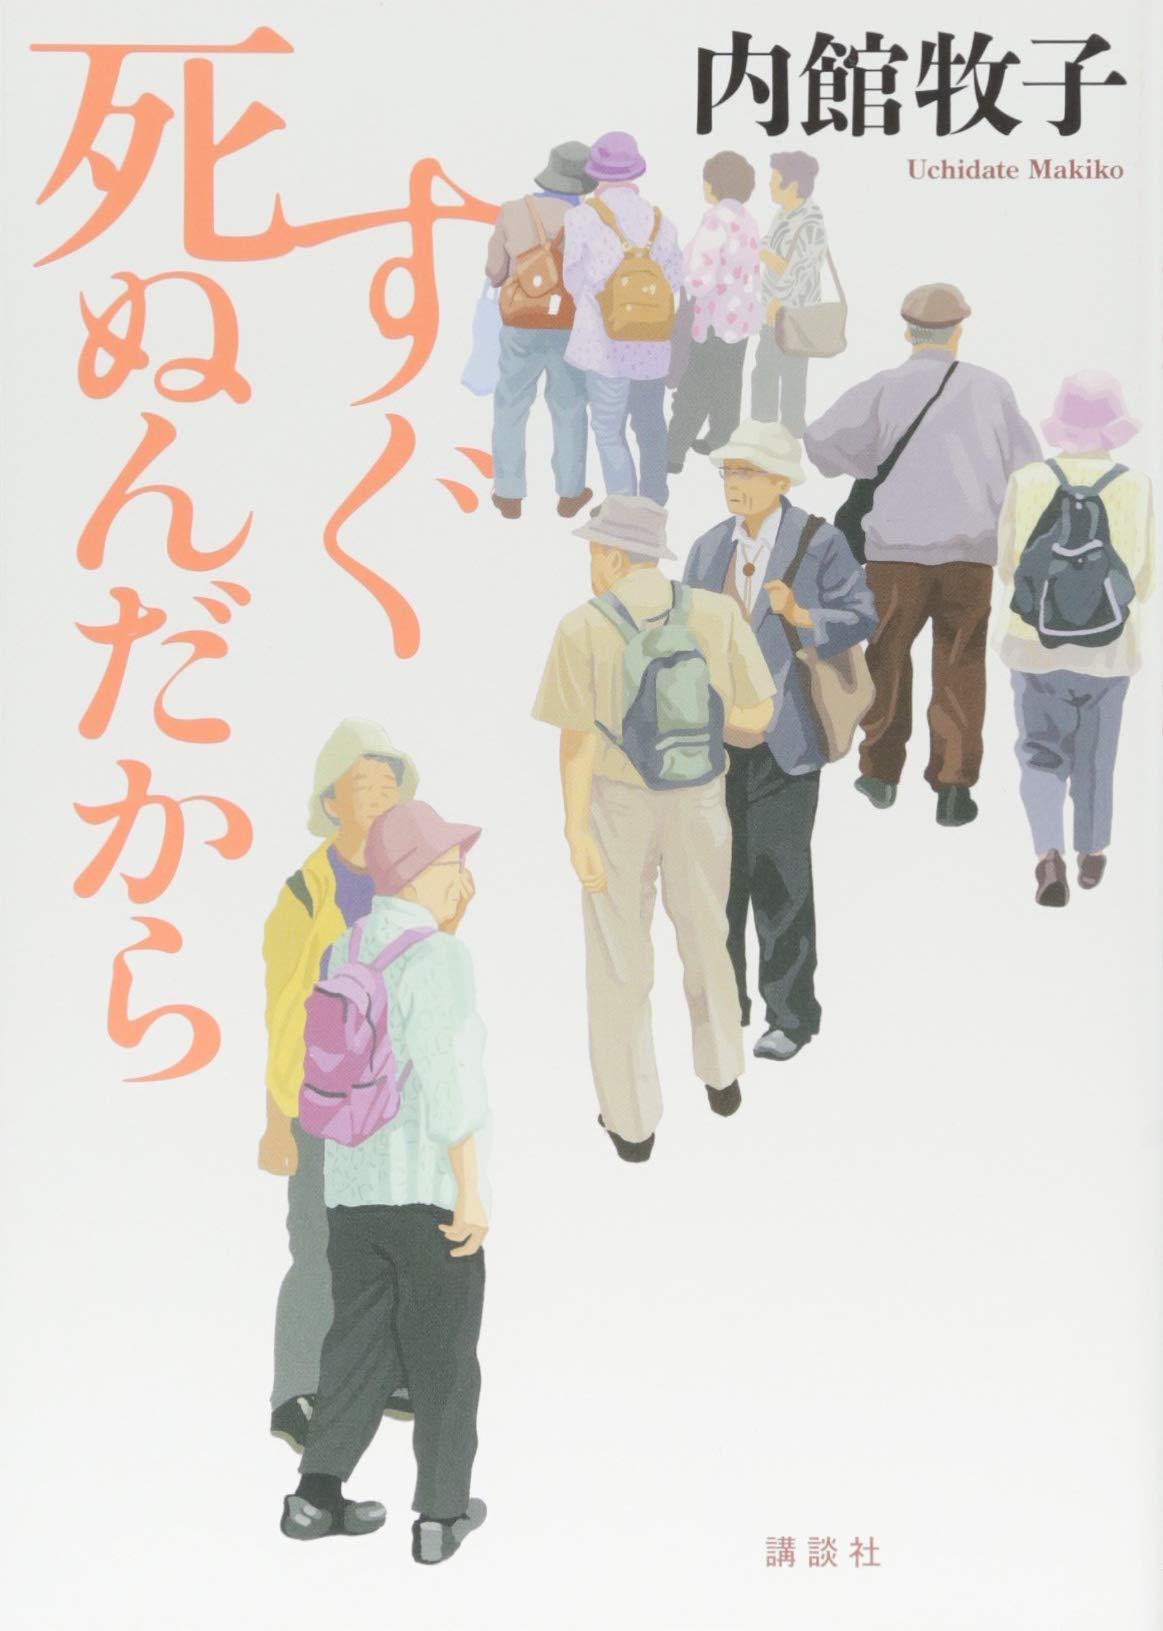 内 館 牧子 新刊 内館牧子さん新刊『 すぐ死ぬんだから 』ええっ!